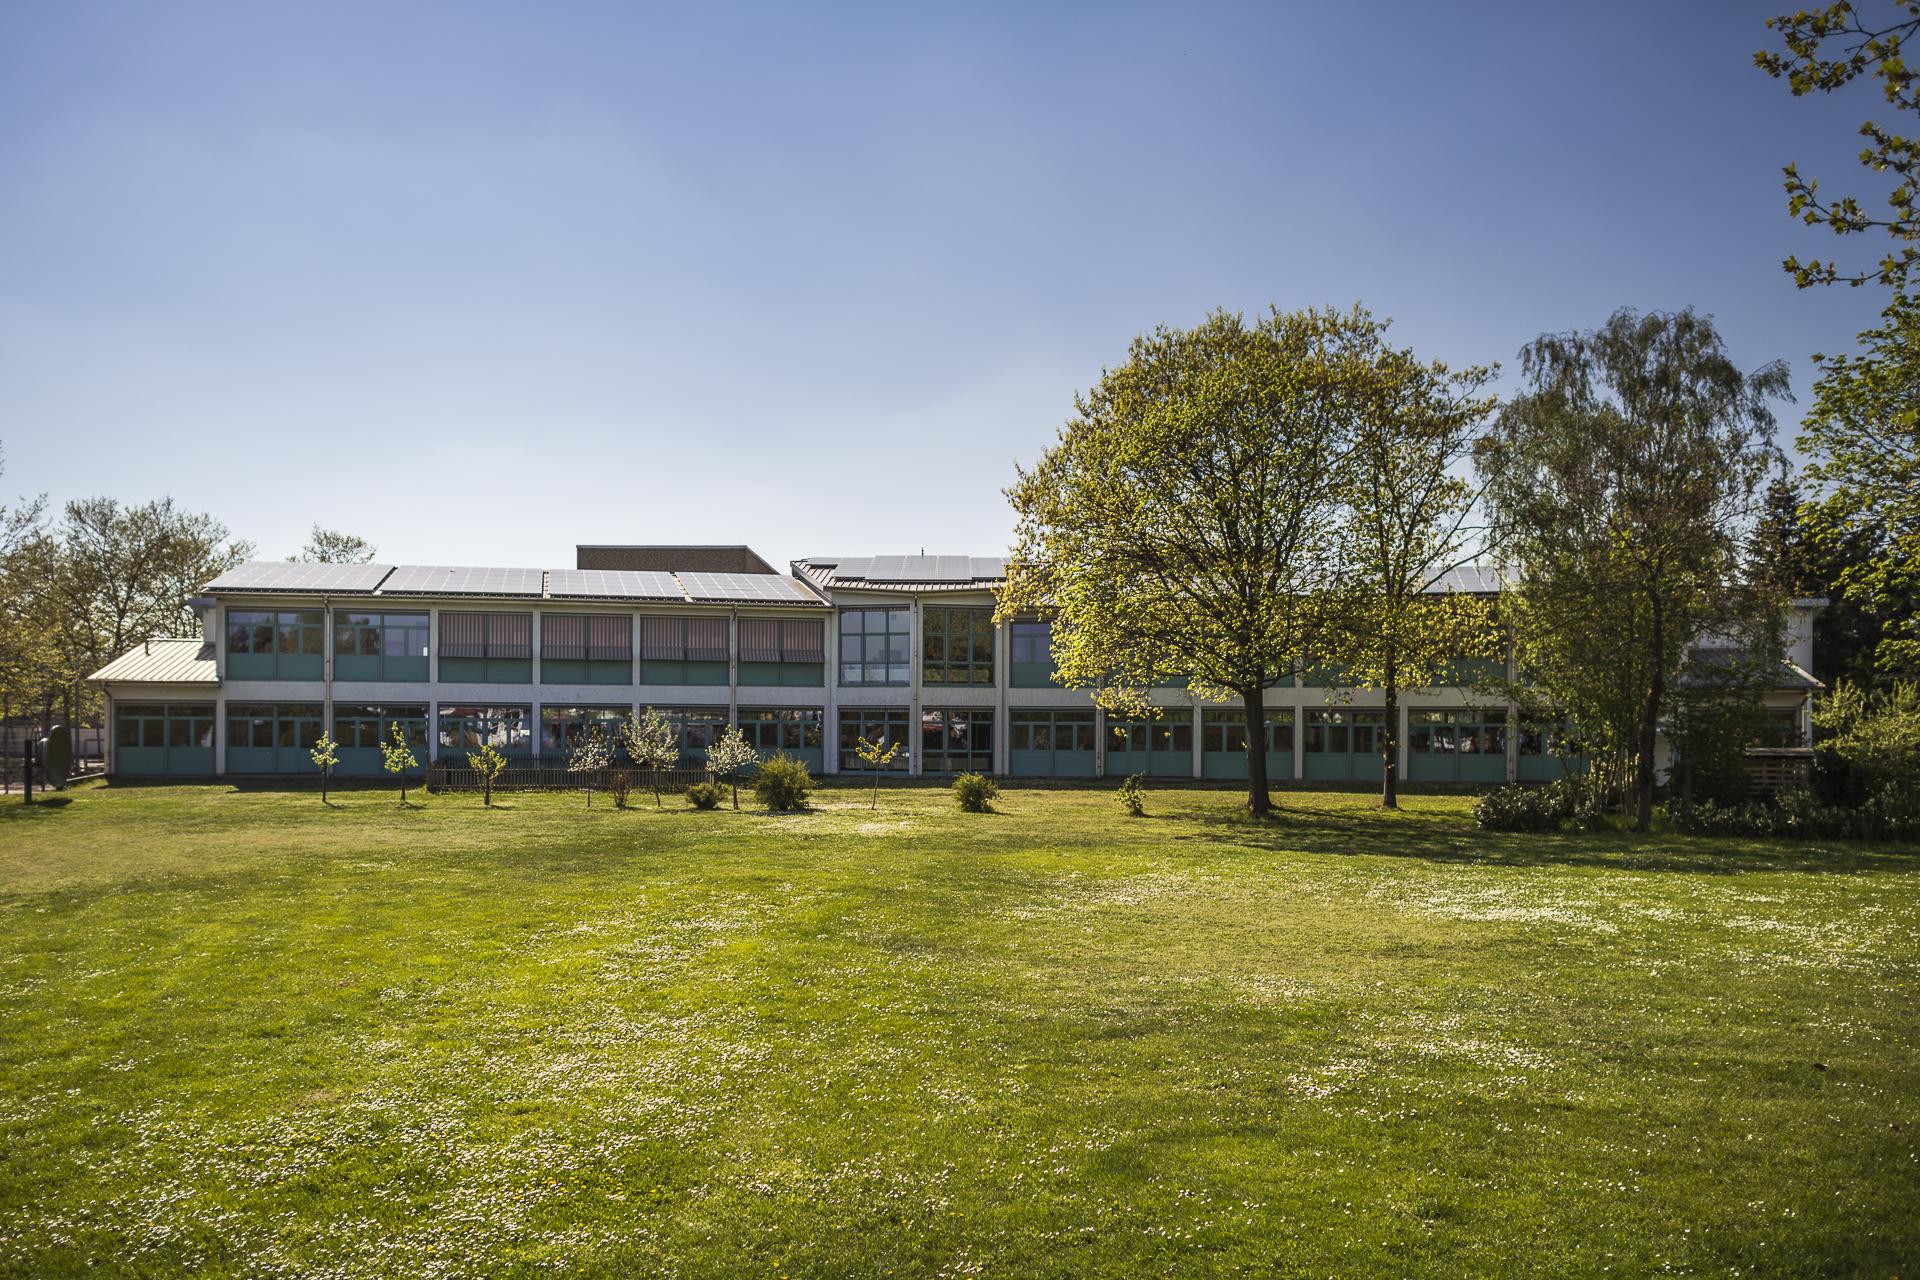 SoLe_TR12960_1920px_LusshardtSchule